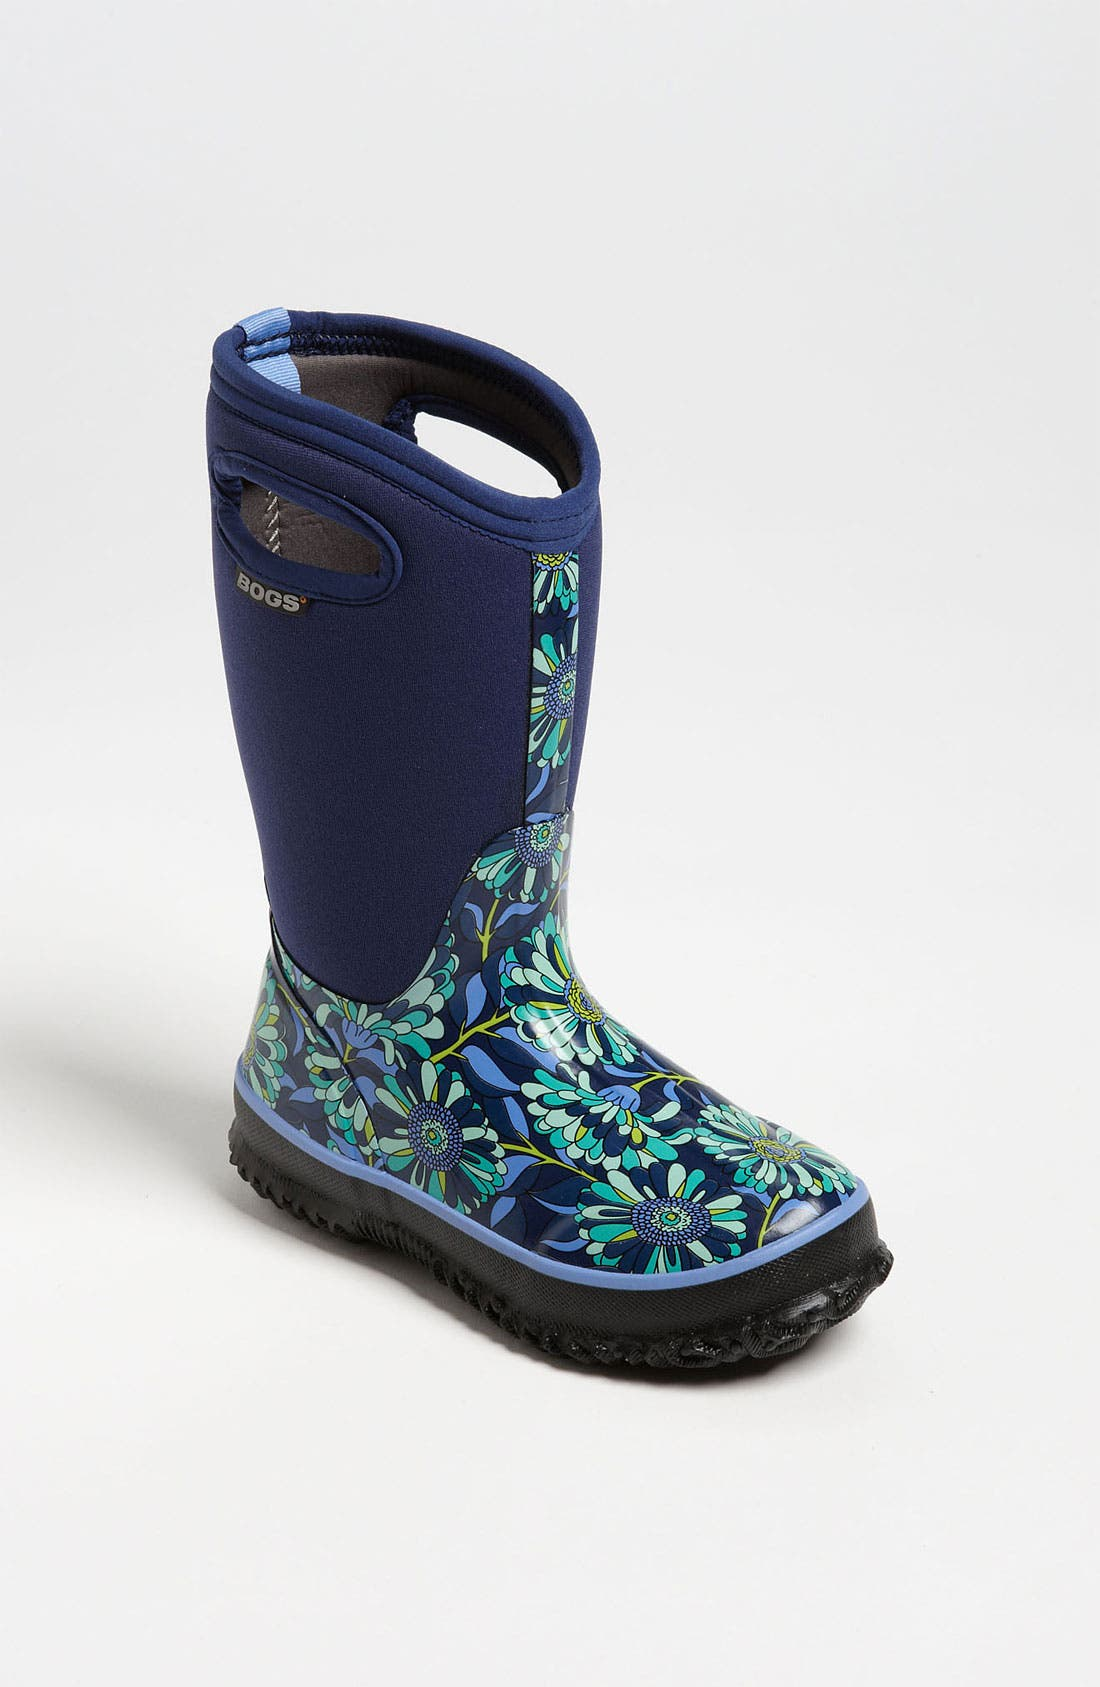 Alternate Image 1 Selected - Bogs 'Classic High - Mumsie' Waterproof Boot (Toddler, Little Kid & Big Kid)